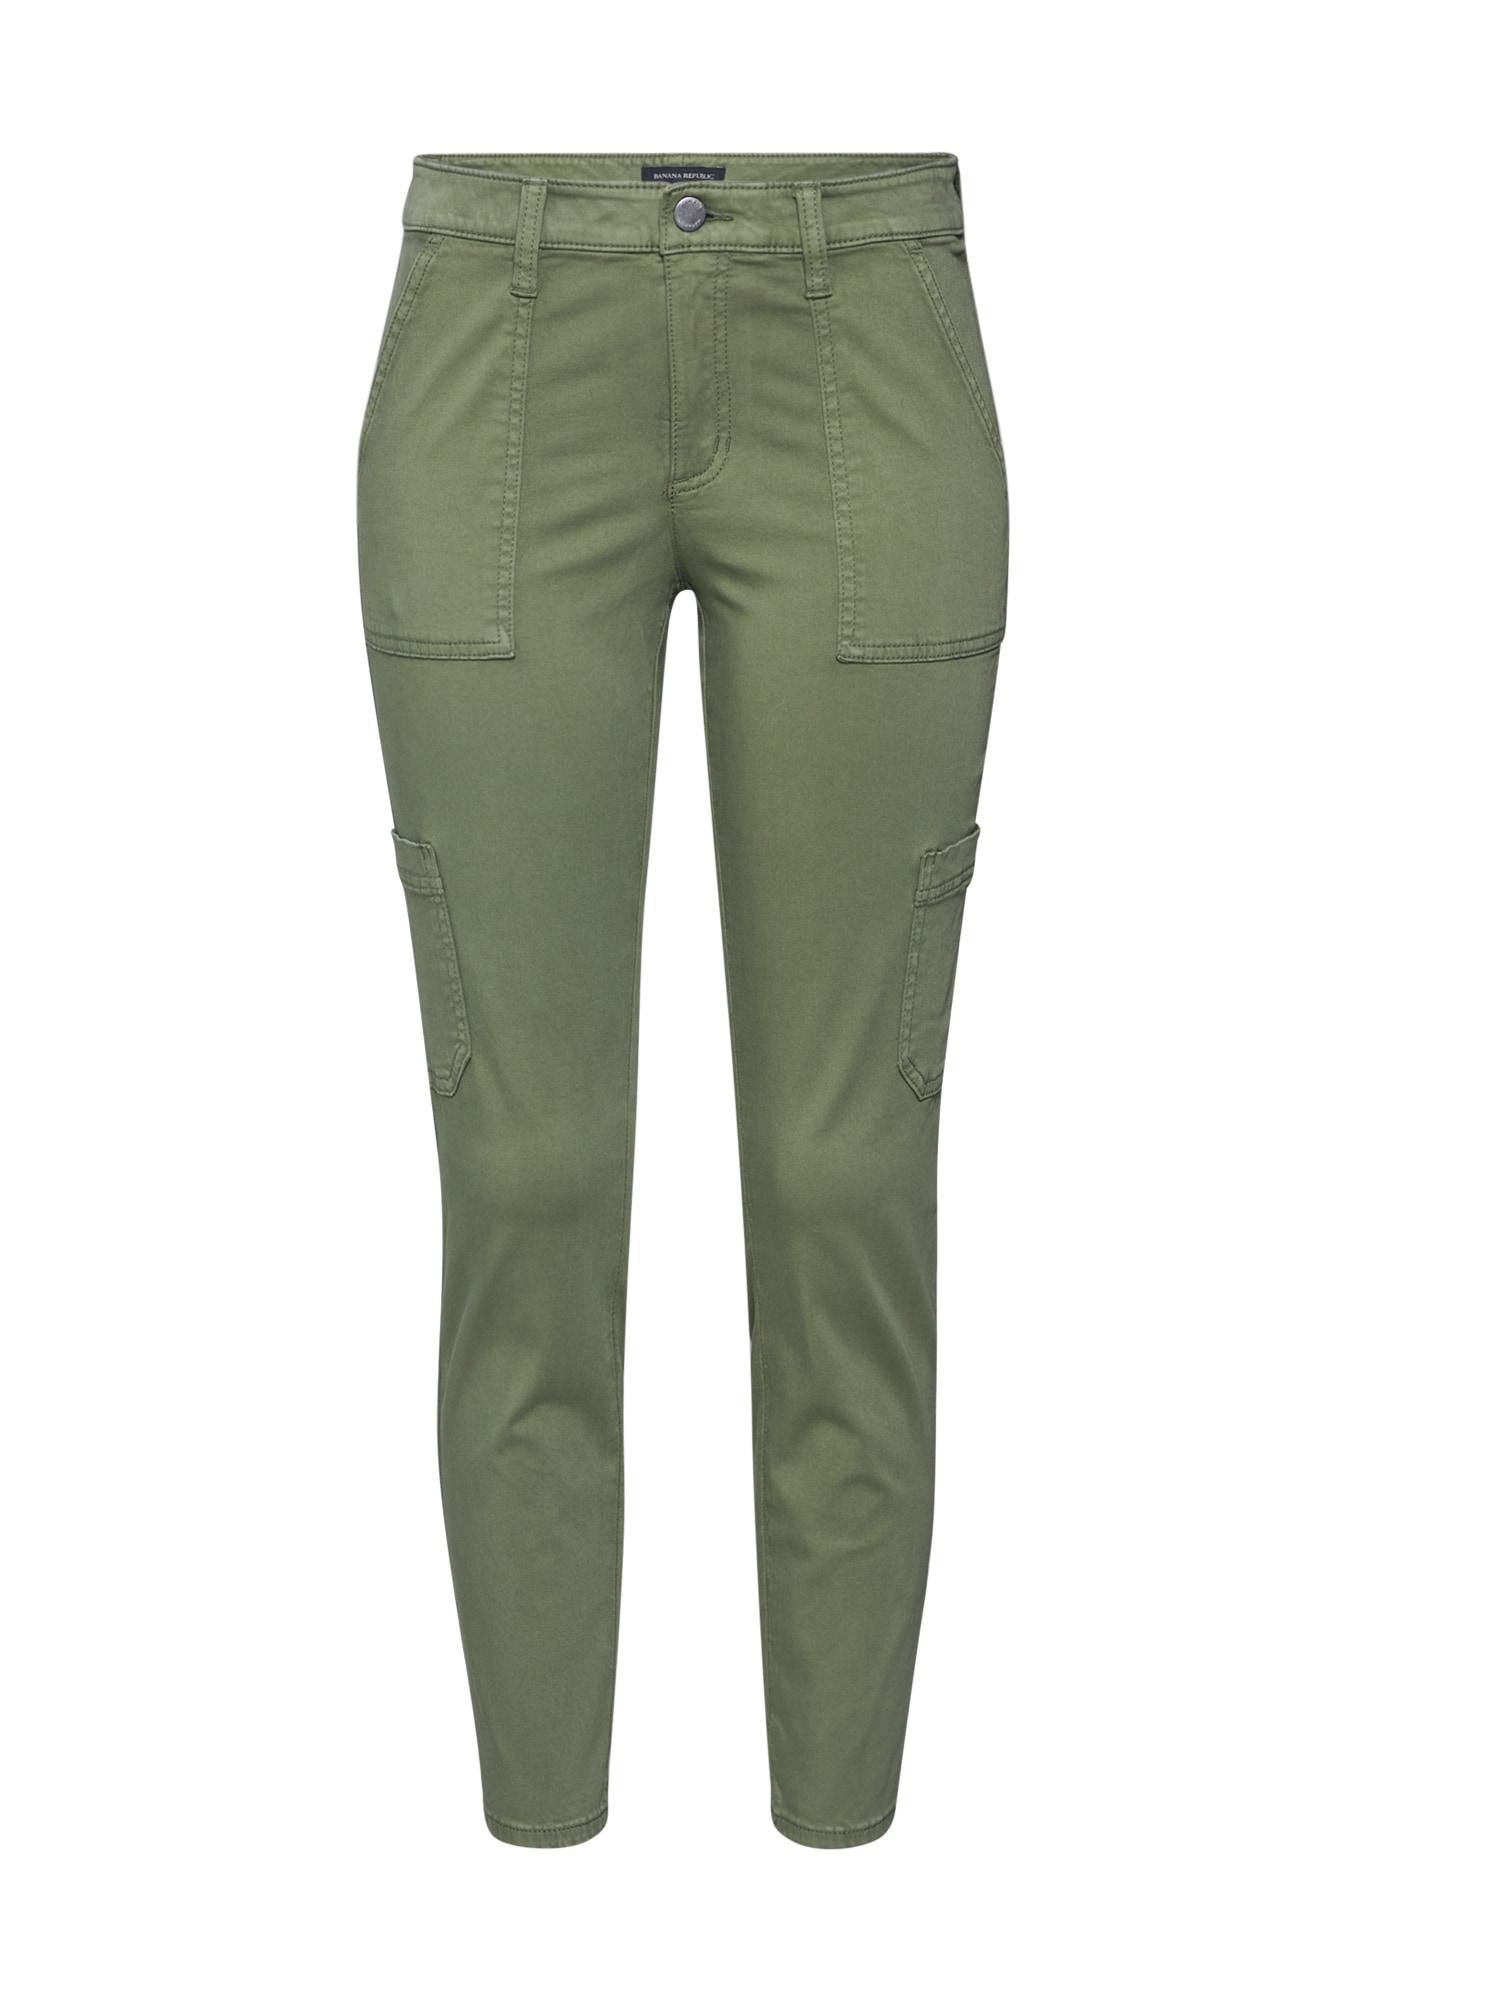 Banana Republic Laisvo stiliaus kelnės 'SLOAN' tamsiai žalia